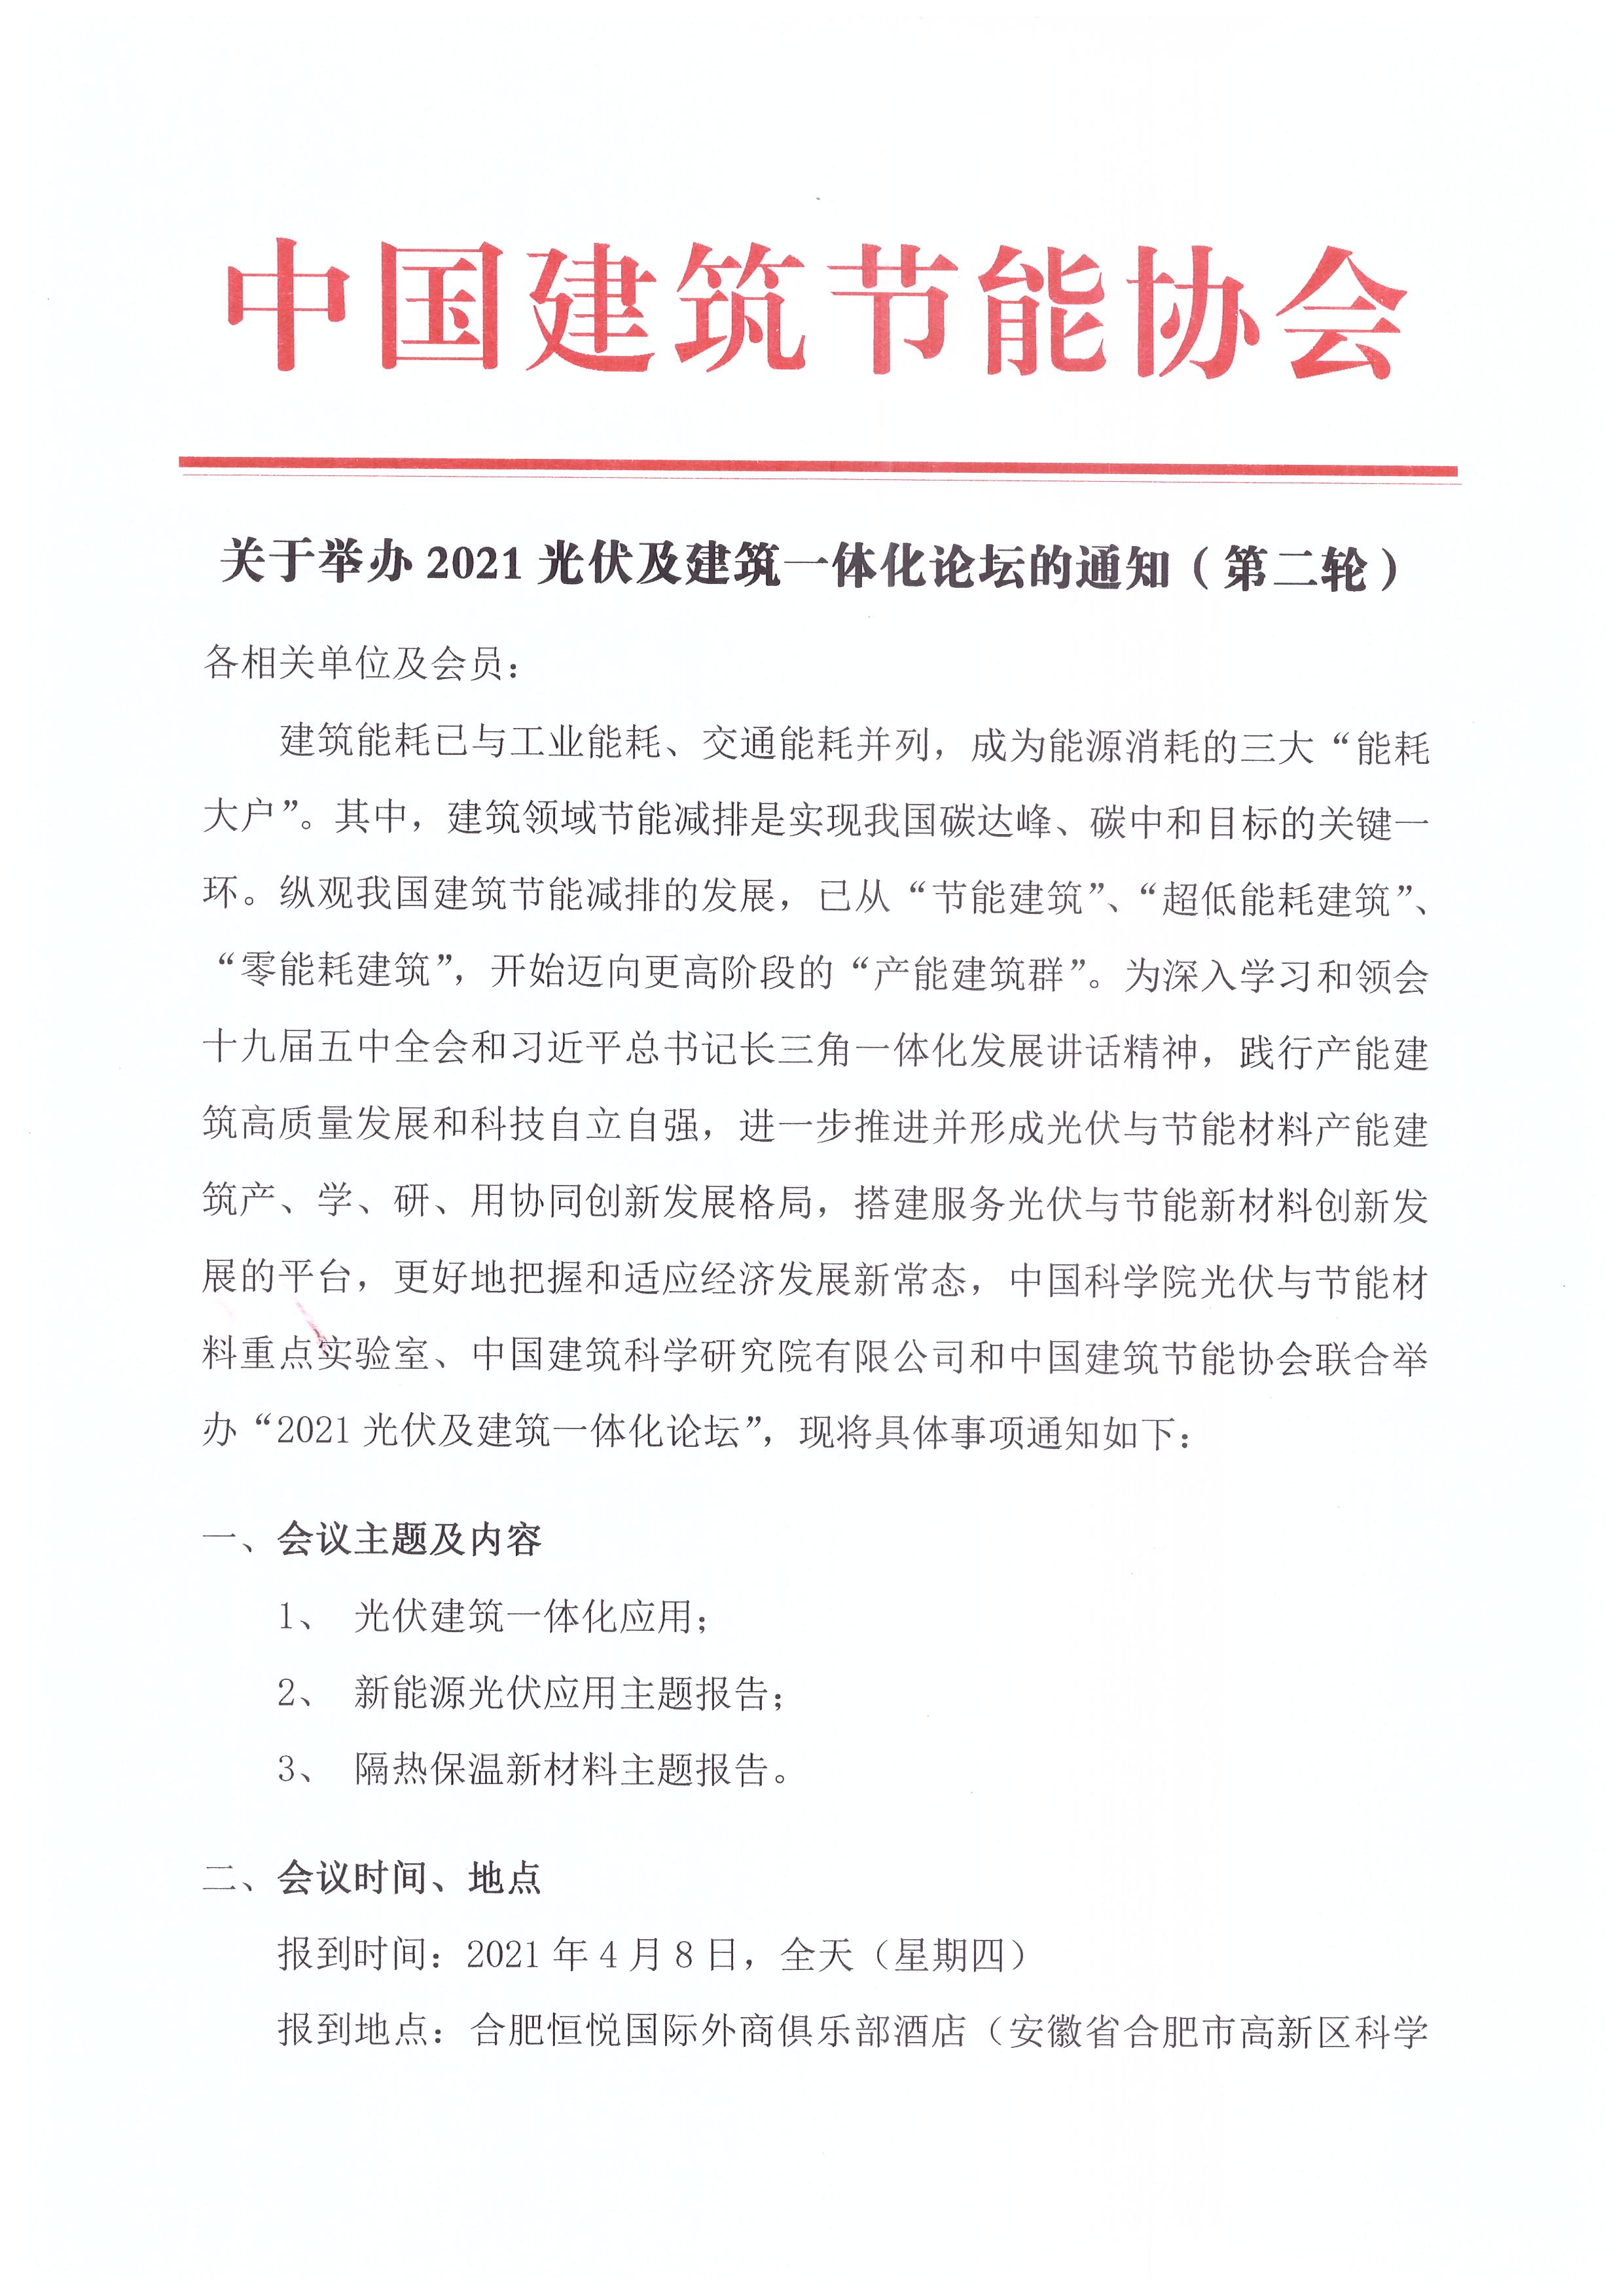 【0401】2021光伏建筑一体化论坛第二轮.pdf_页面_1.jpg